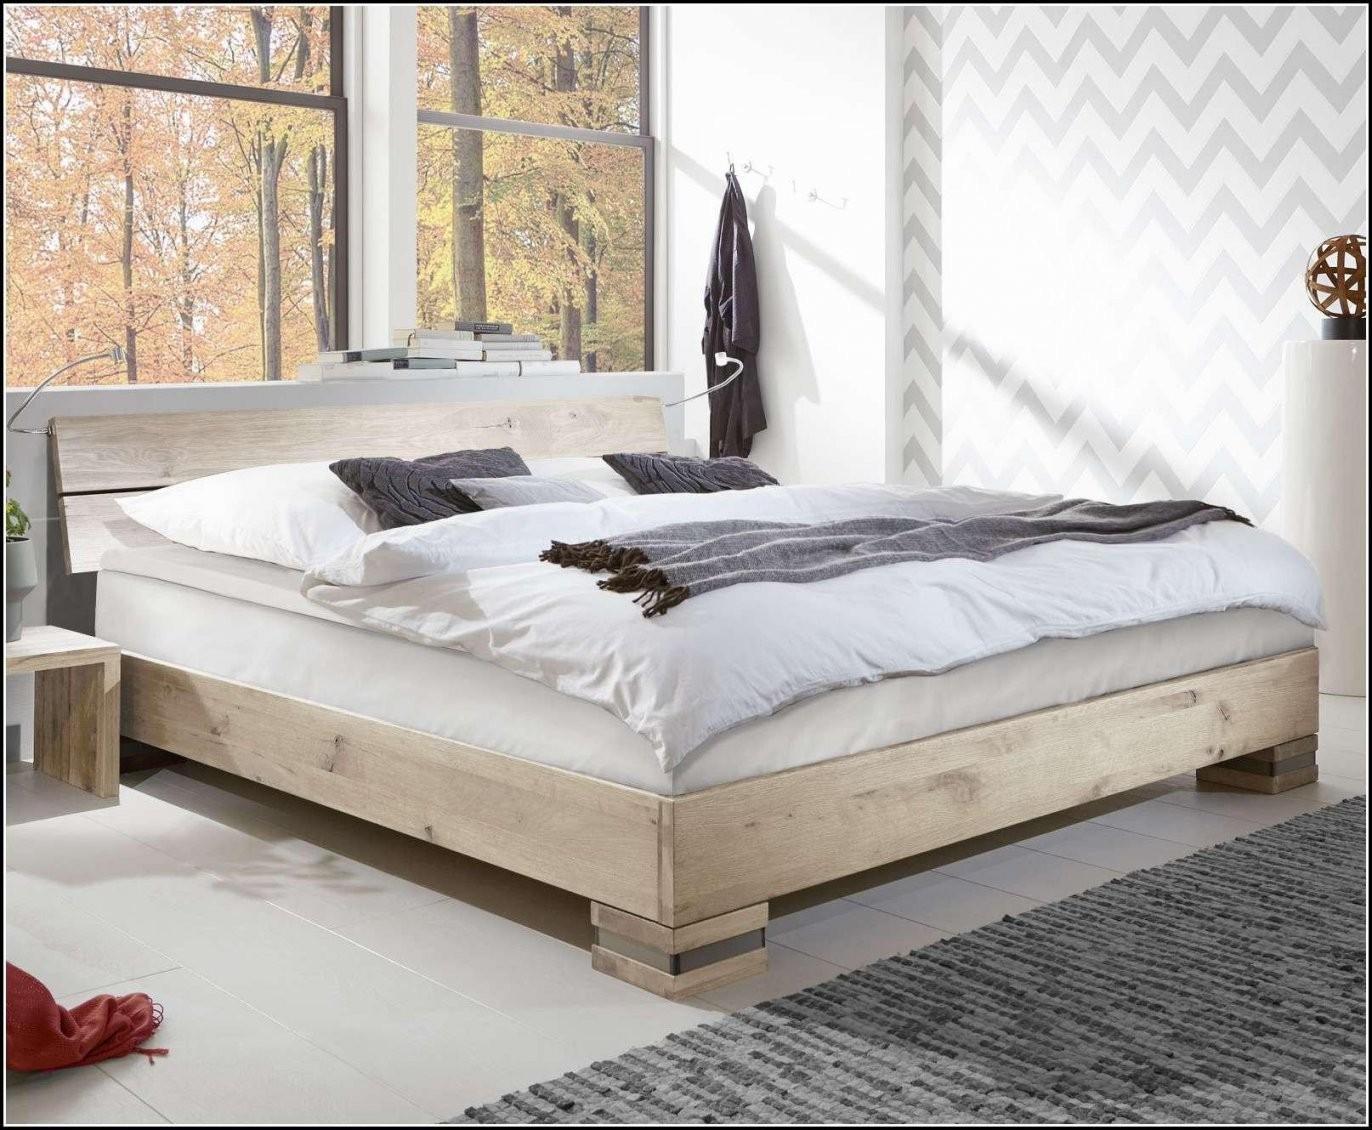 50 Schön Bett 120×200 Mit Matratze Und Lattenrost  Huambodigital von Bett 120X200 Mit Lattenrost Und Matratze Bild